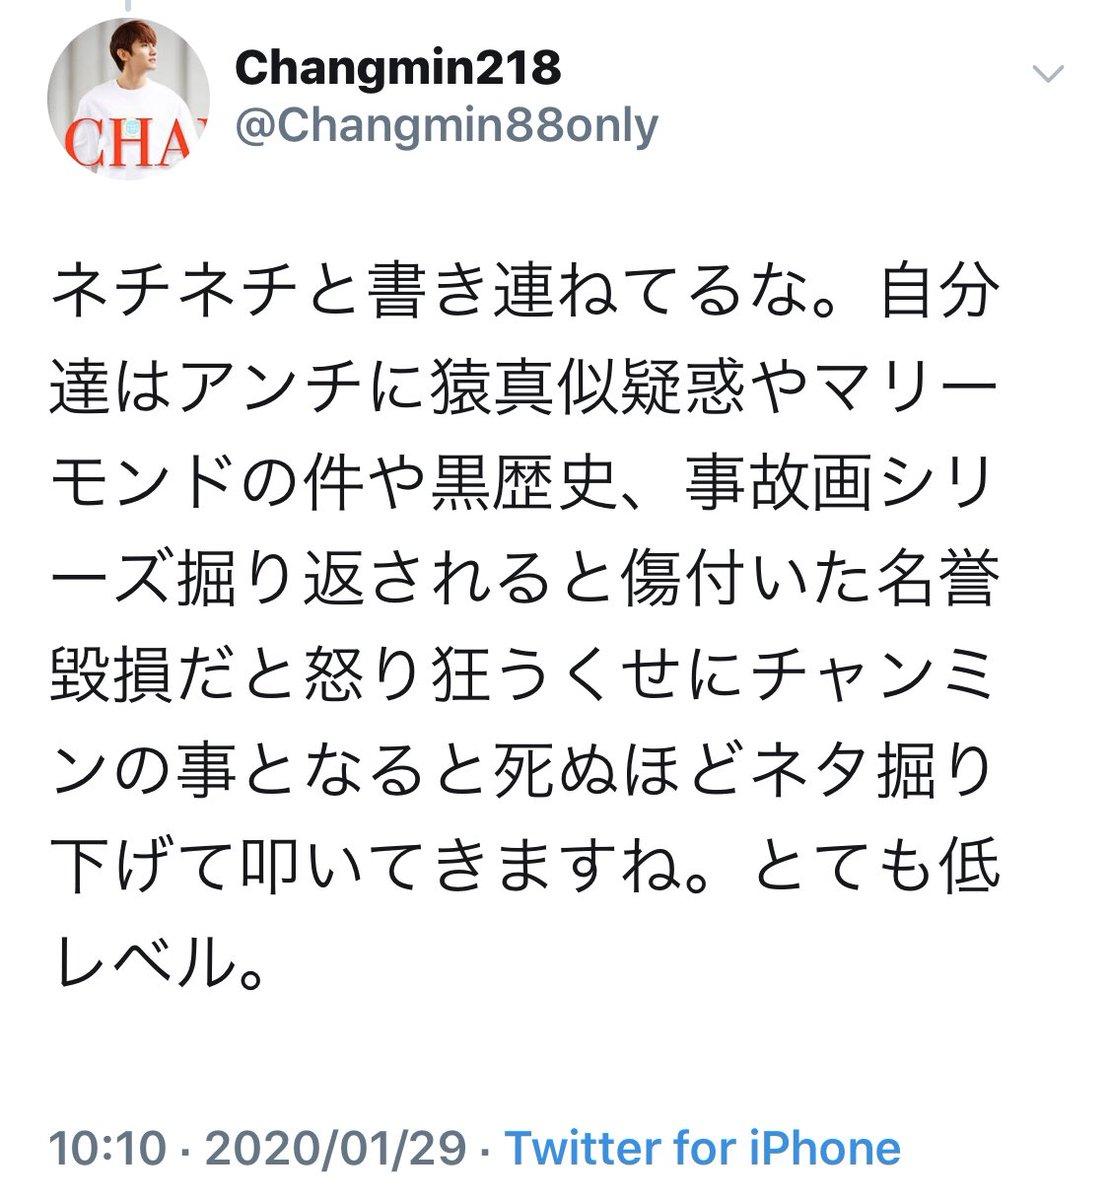 梢 びっくりした モヤアカかと思ったらシムオンリーさんだった 普通にユノのアンチじゃん ユノのそれは全部謂れのないアンチ ネタでしょ チャンミンのは全部現実だよね